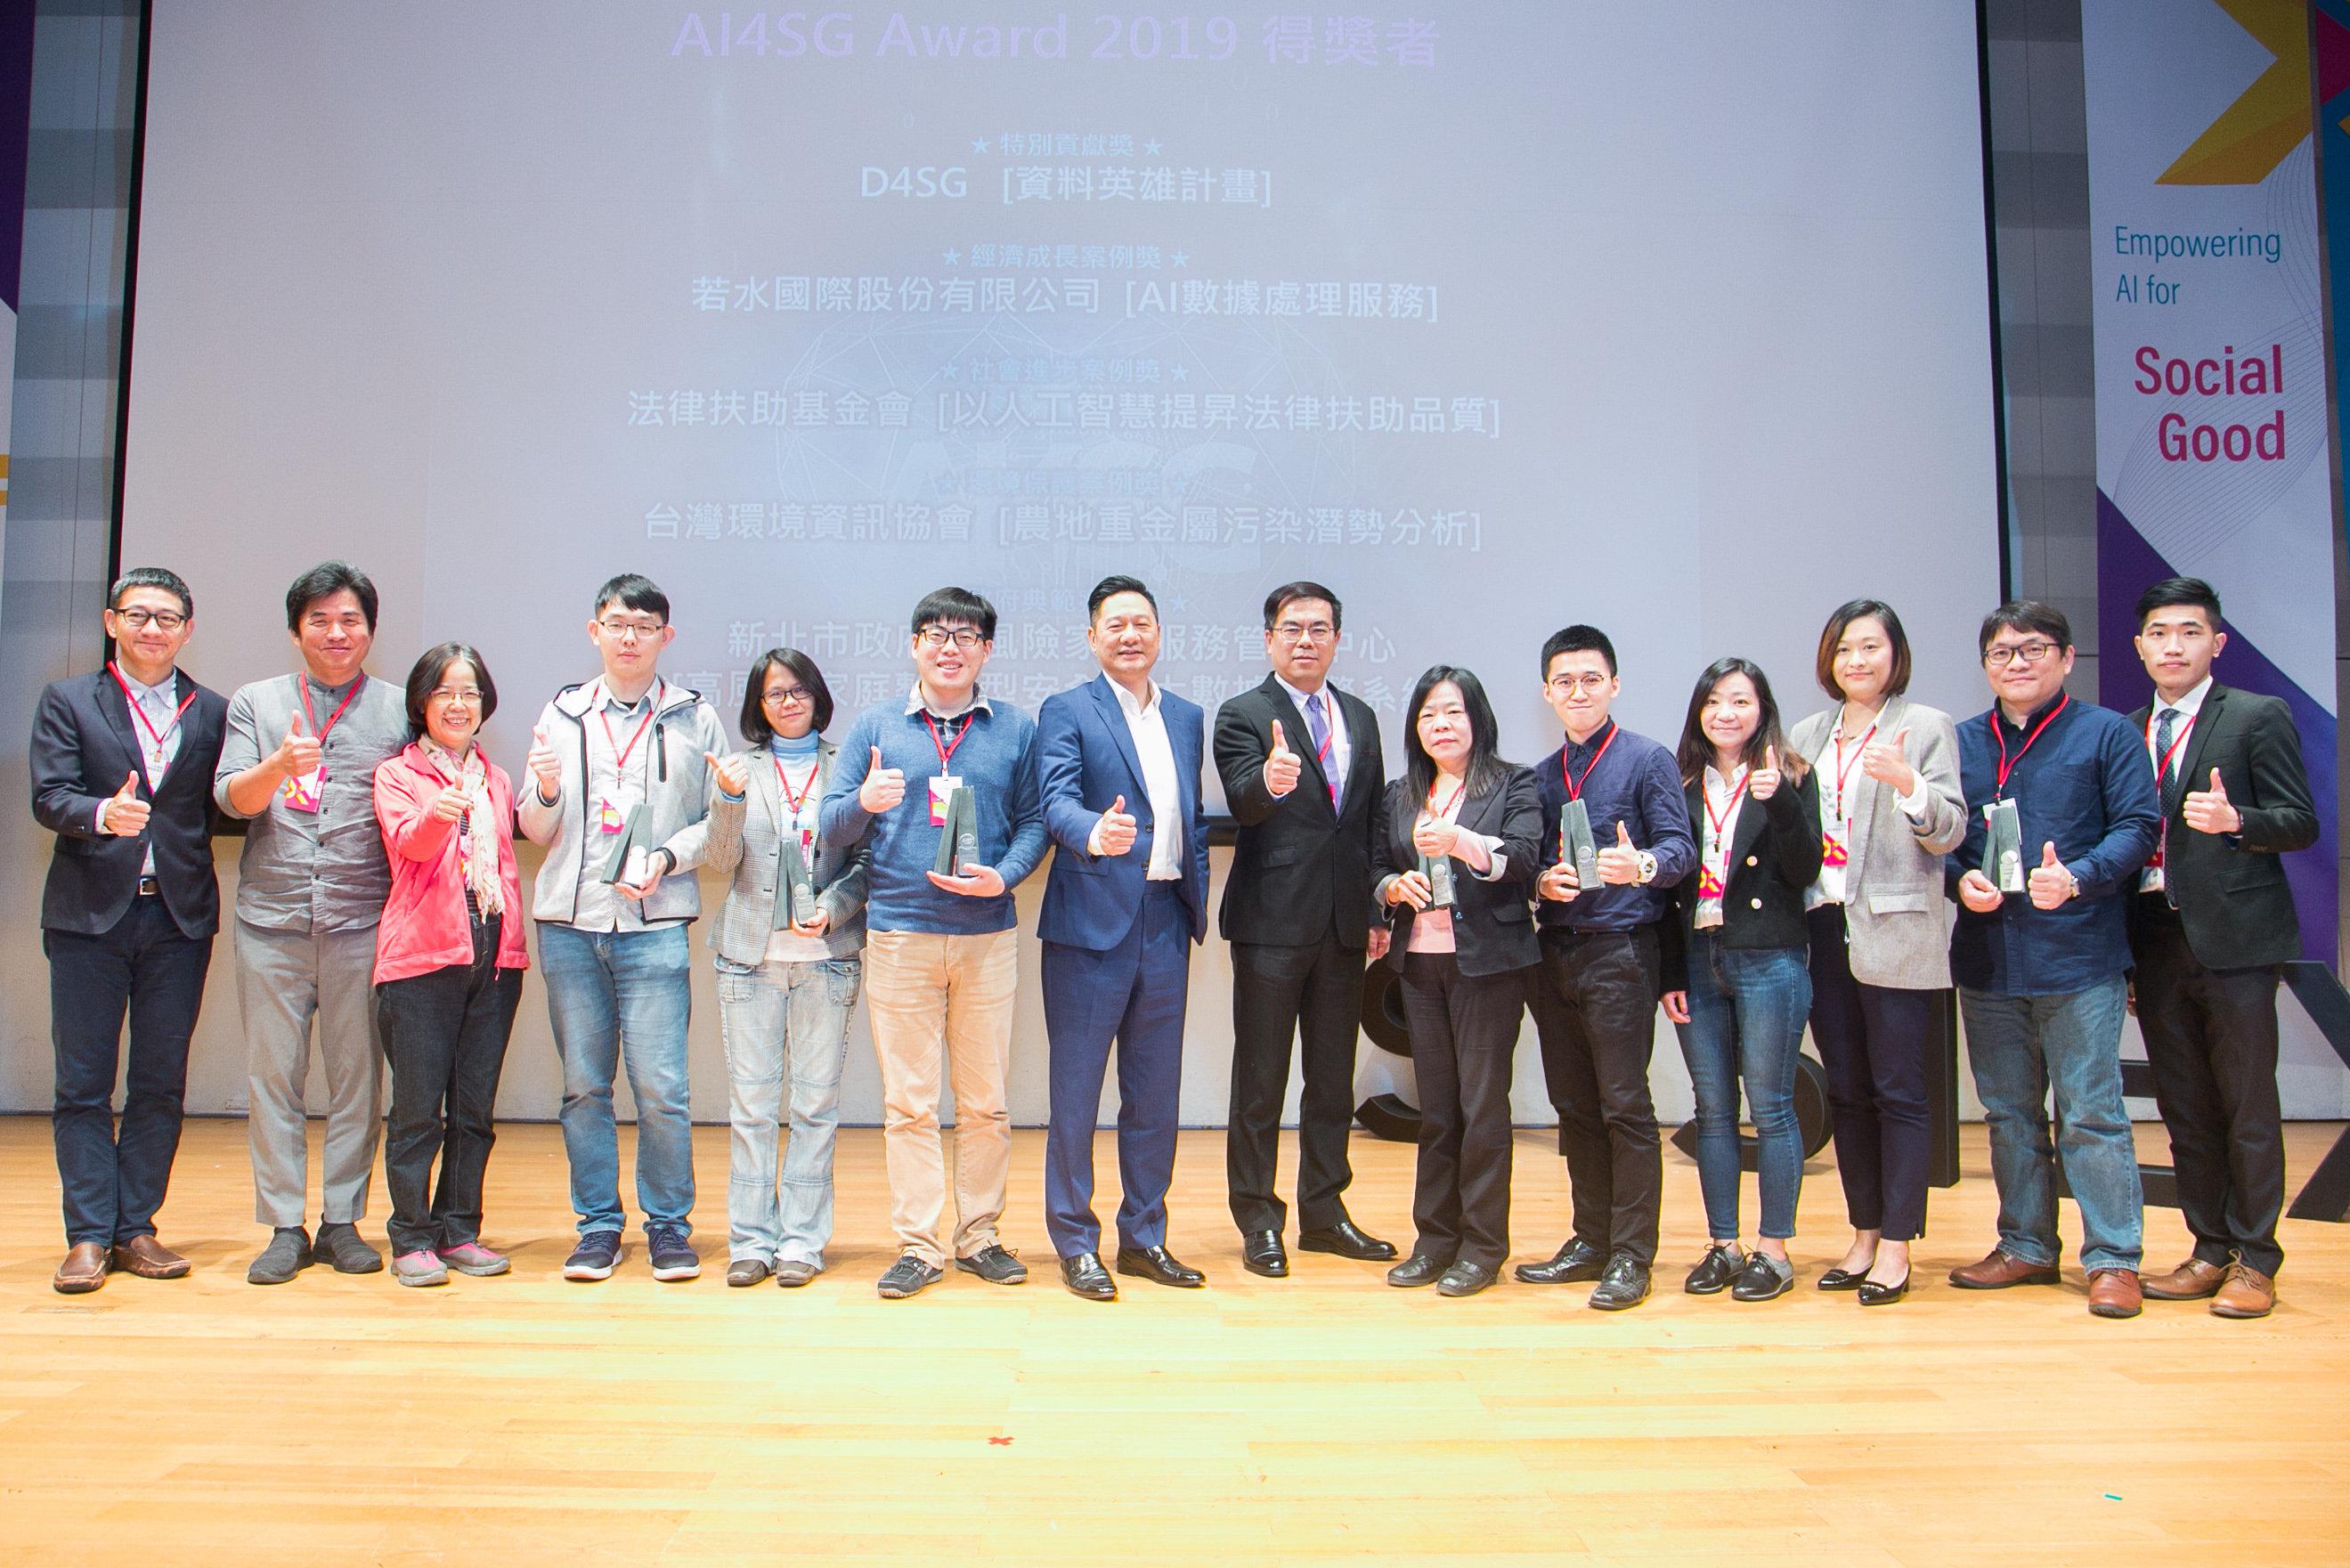 數位轉型 AI 化社會創新典範 ── AI4SG Award 頒獎典禮